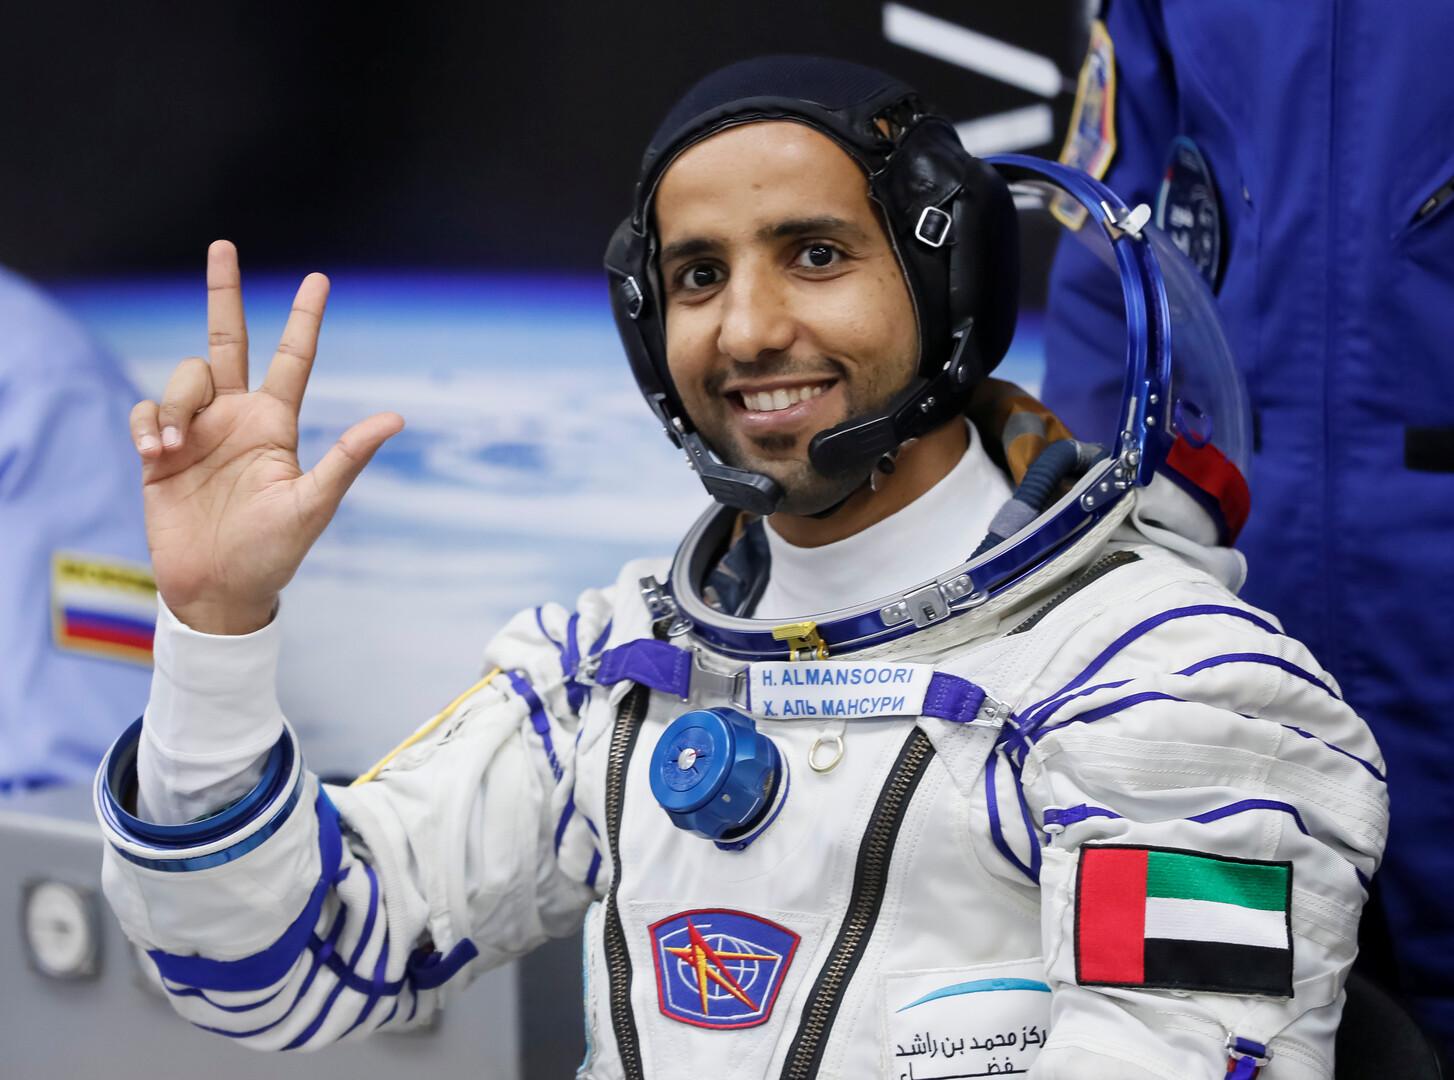 بن راشد يهاتف المنصوري في الفضاء